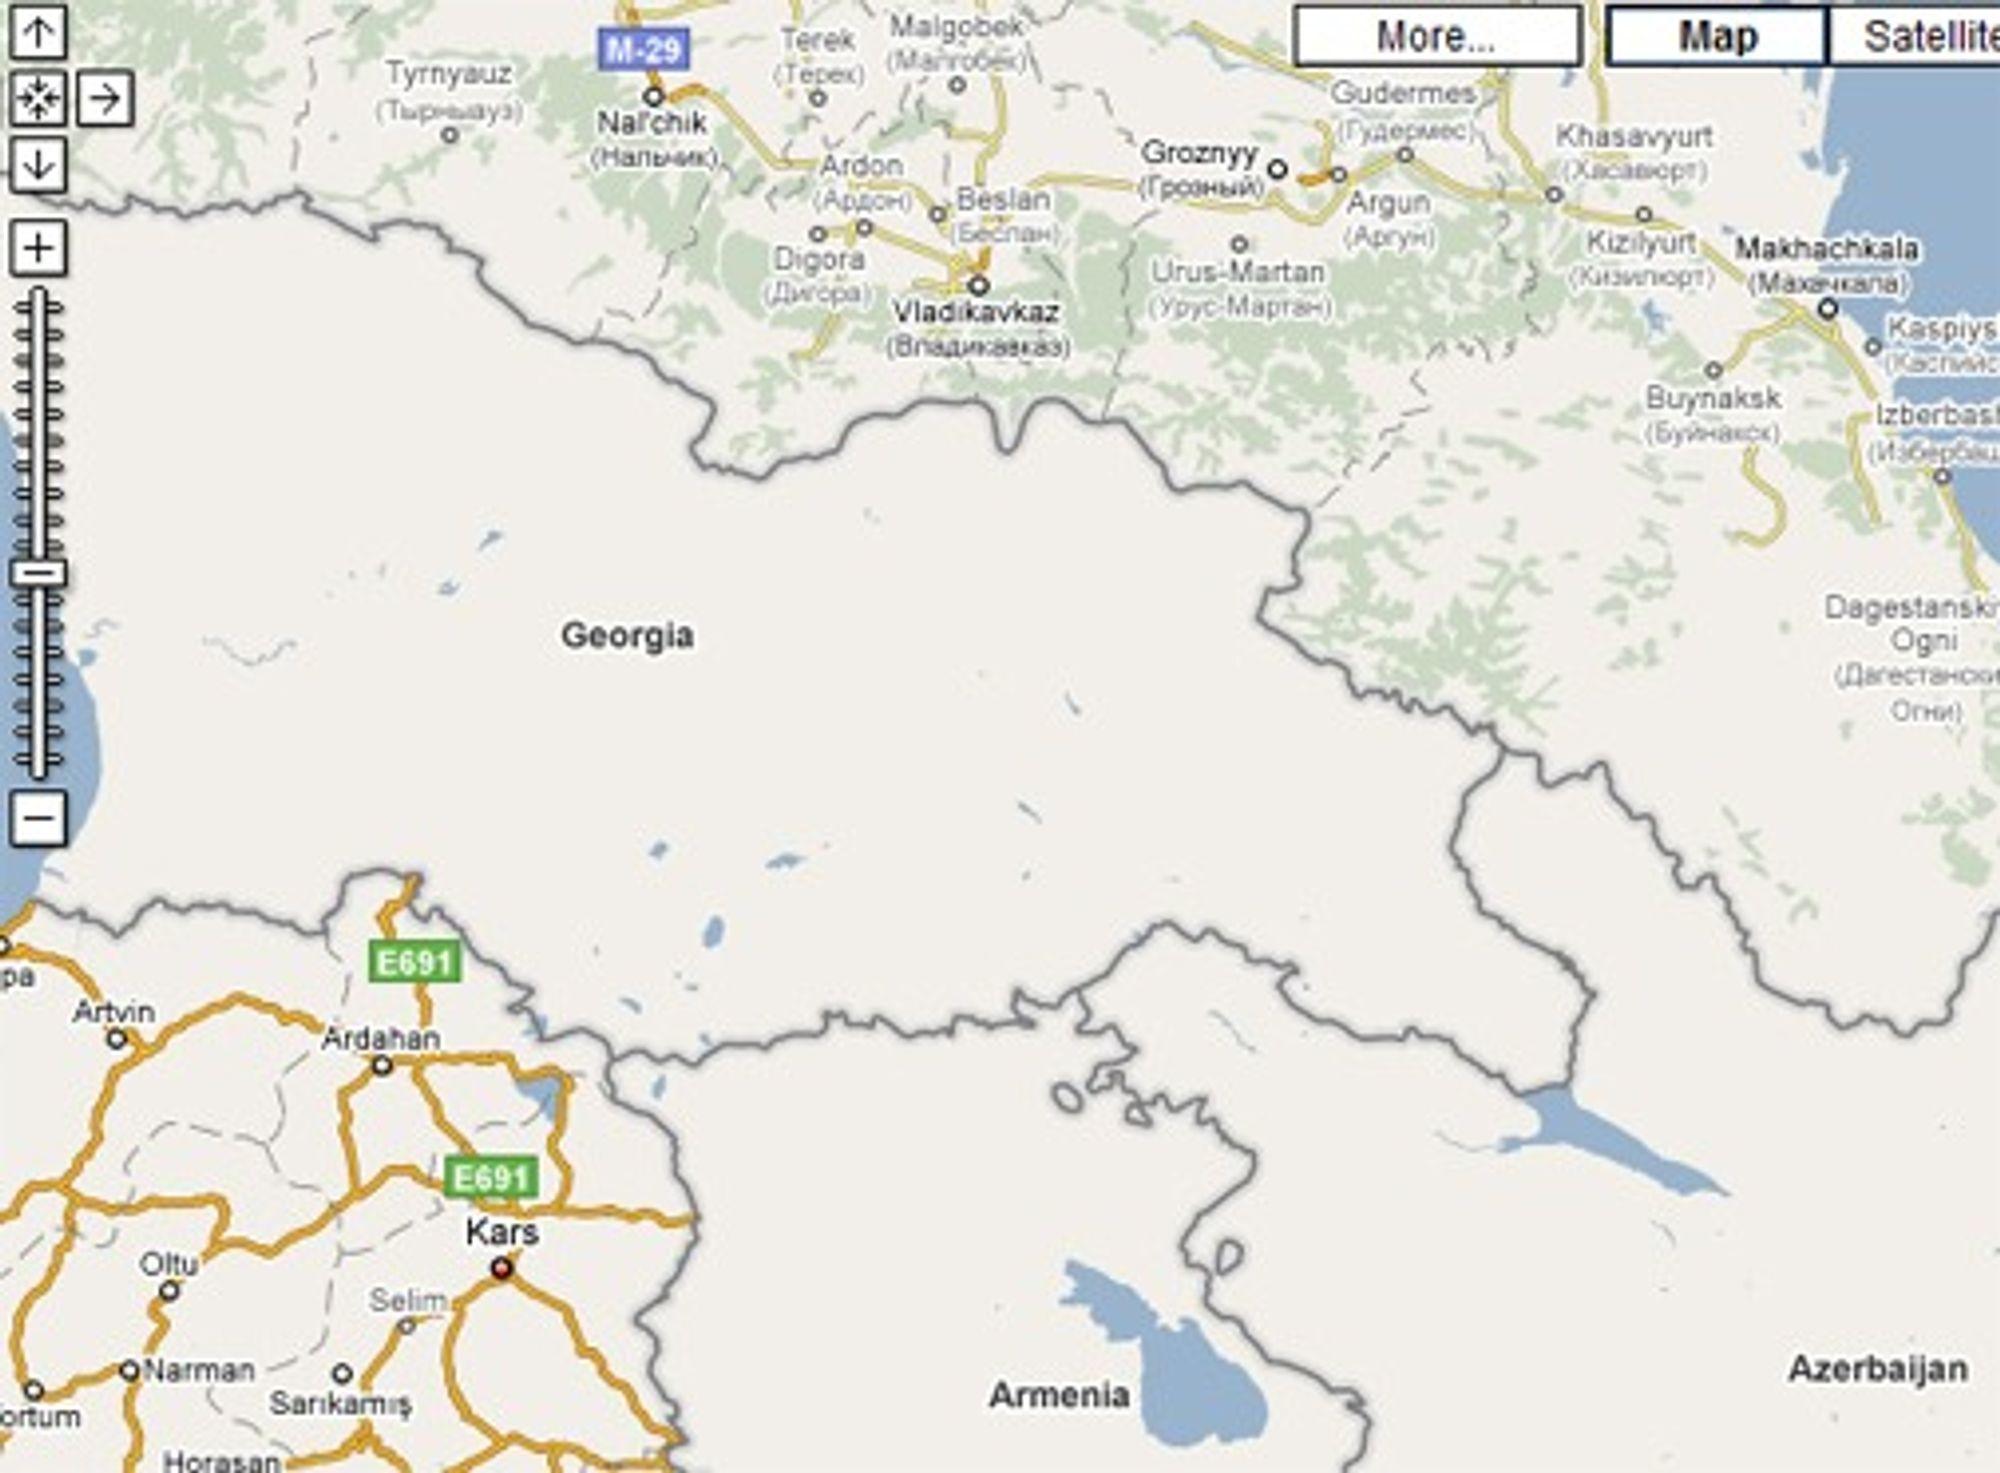 Google Maps er fint lite detaljert for land som Georgia, Armenia og Aserbadjan. Til kontrast er det mange detaljer om Russland i nord, og Tyrkia som ligger sør for Georgia. (Foto: skjermbilde Google Maps)